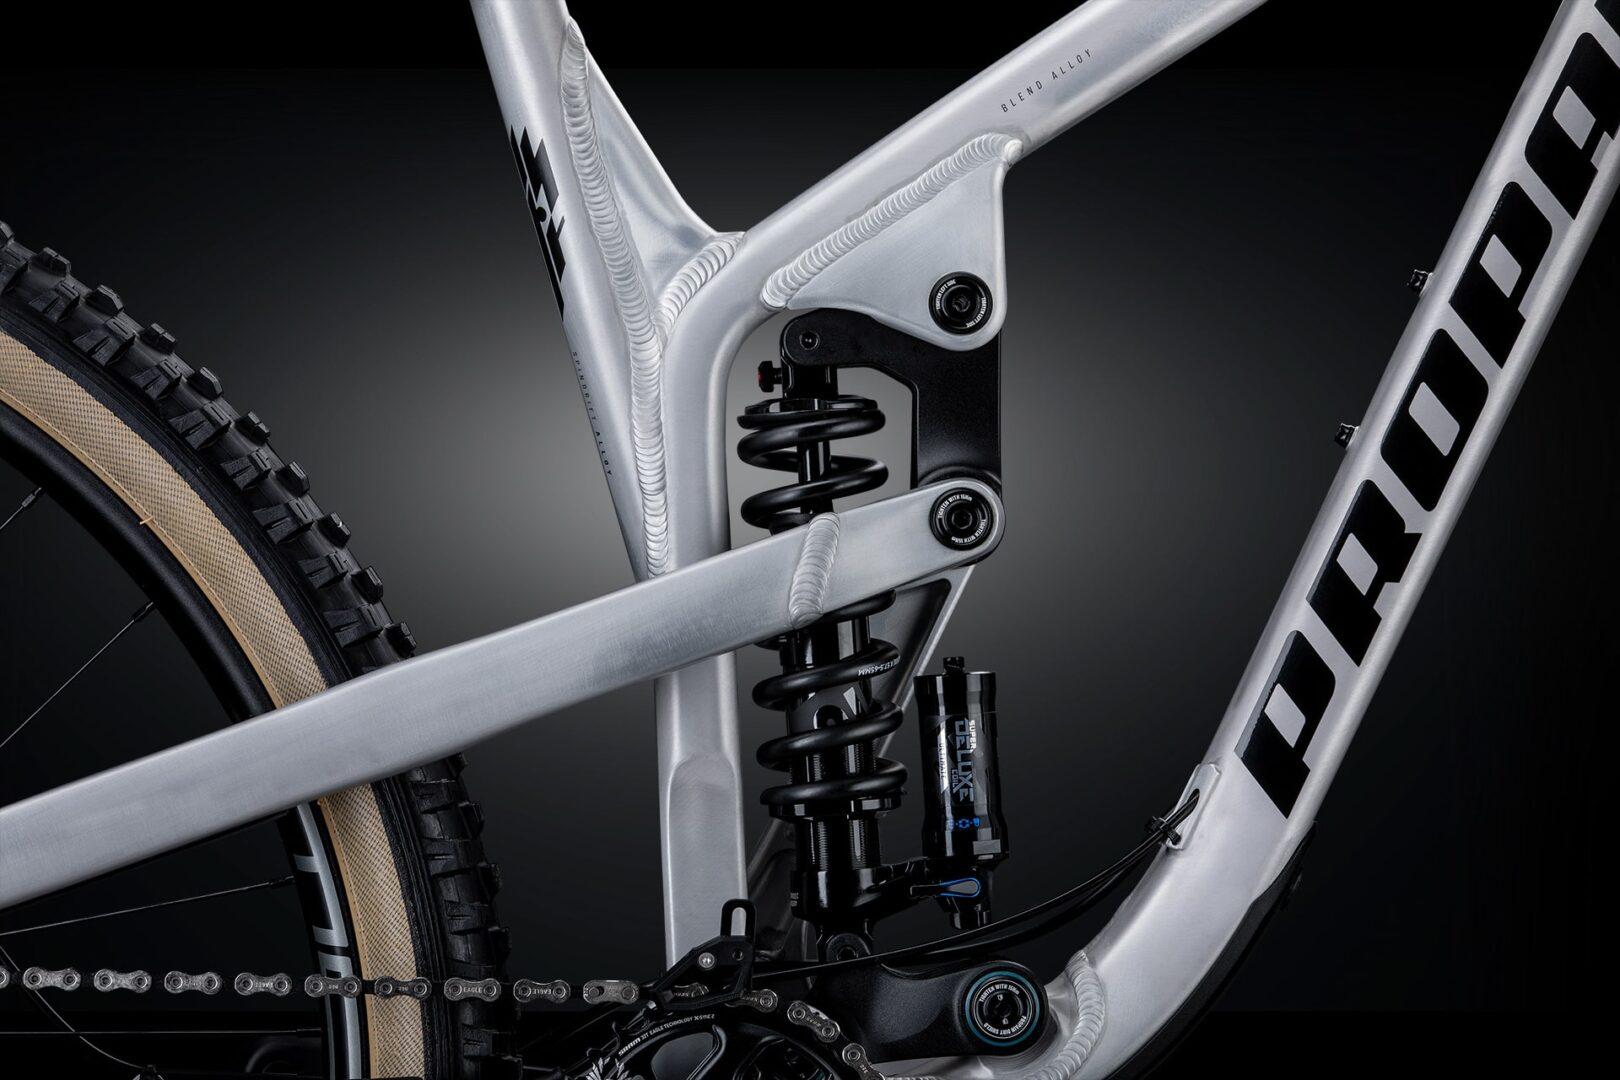 Blend AlloyDer Rahmen besteht aus mindestens drei unterschiedlichen Legierungen, welche im Zusammenspiel das Optimum zwischen Steifigkeit, Festigkeit und Gewicht schaffen. An Rahmenteilen wie Wippen und Achsen kommt 7075 T6 Aluminium zum Einsatz, das eine sehr hohe Festigkeit aufweist. Bei den Rohren des Rahmens wird ein ermüdungsbeständigeres 6066 T6 Aluminium verwendet. Fräs- und Schmiedeteile wiederum sind aus 6061 T6 Aluminium gefertigt. Blend Alloy steht somit für unser besonderes und einzigartiges Herstellungsverfahren und sorgt für die optimale Performance der leichten Rahmen.